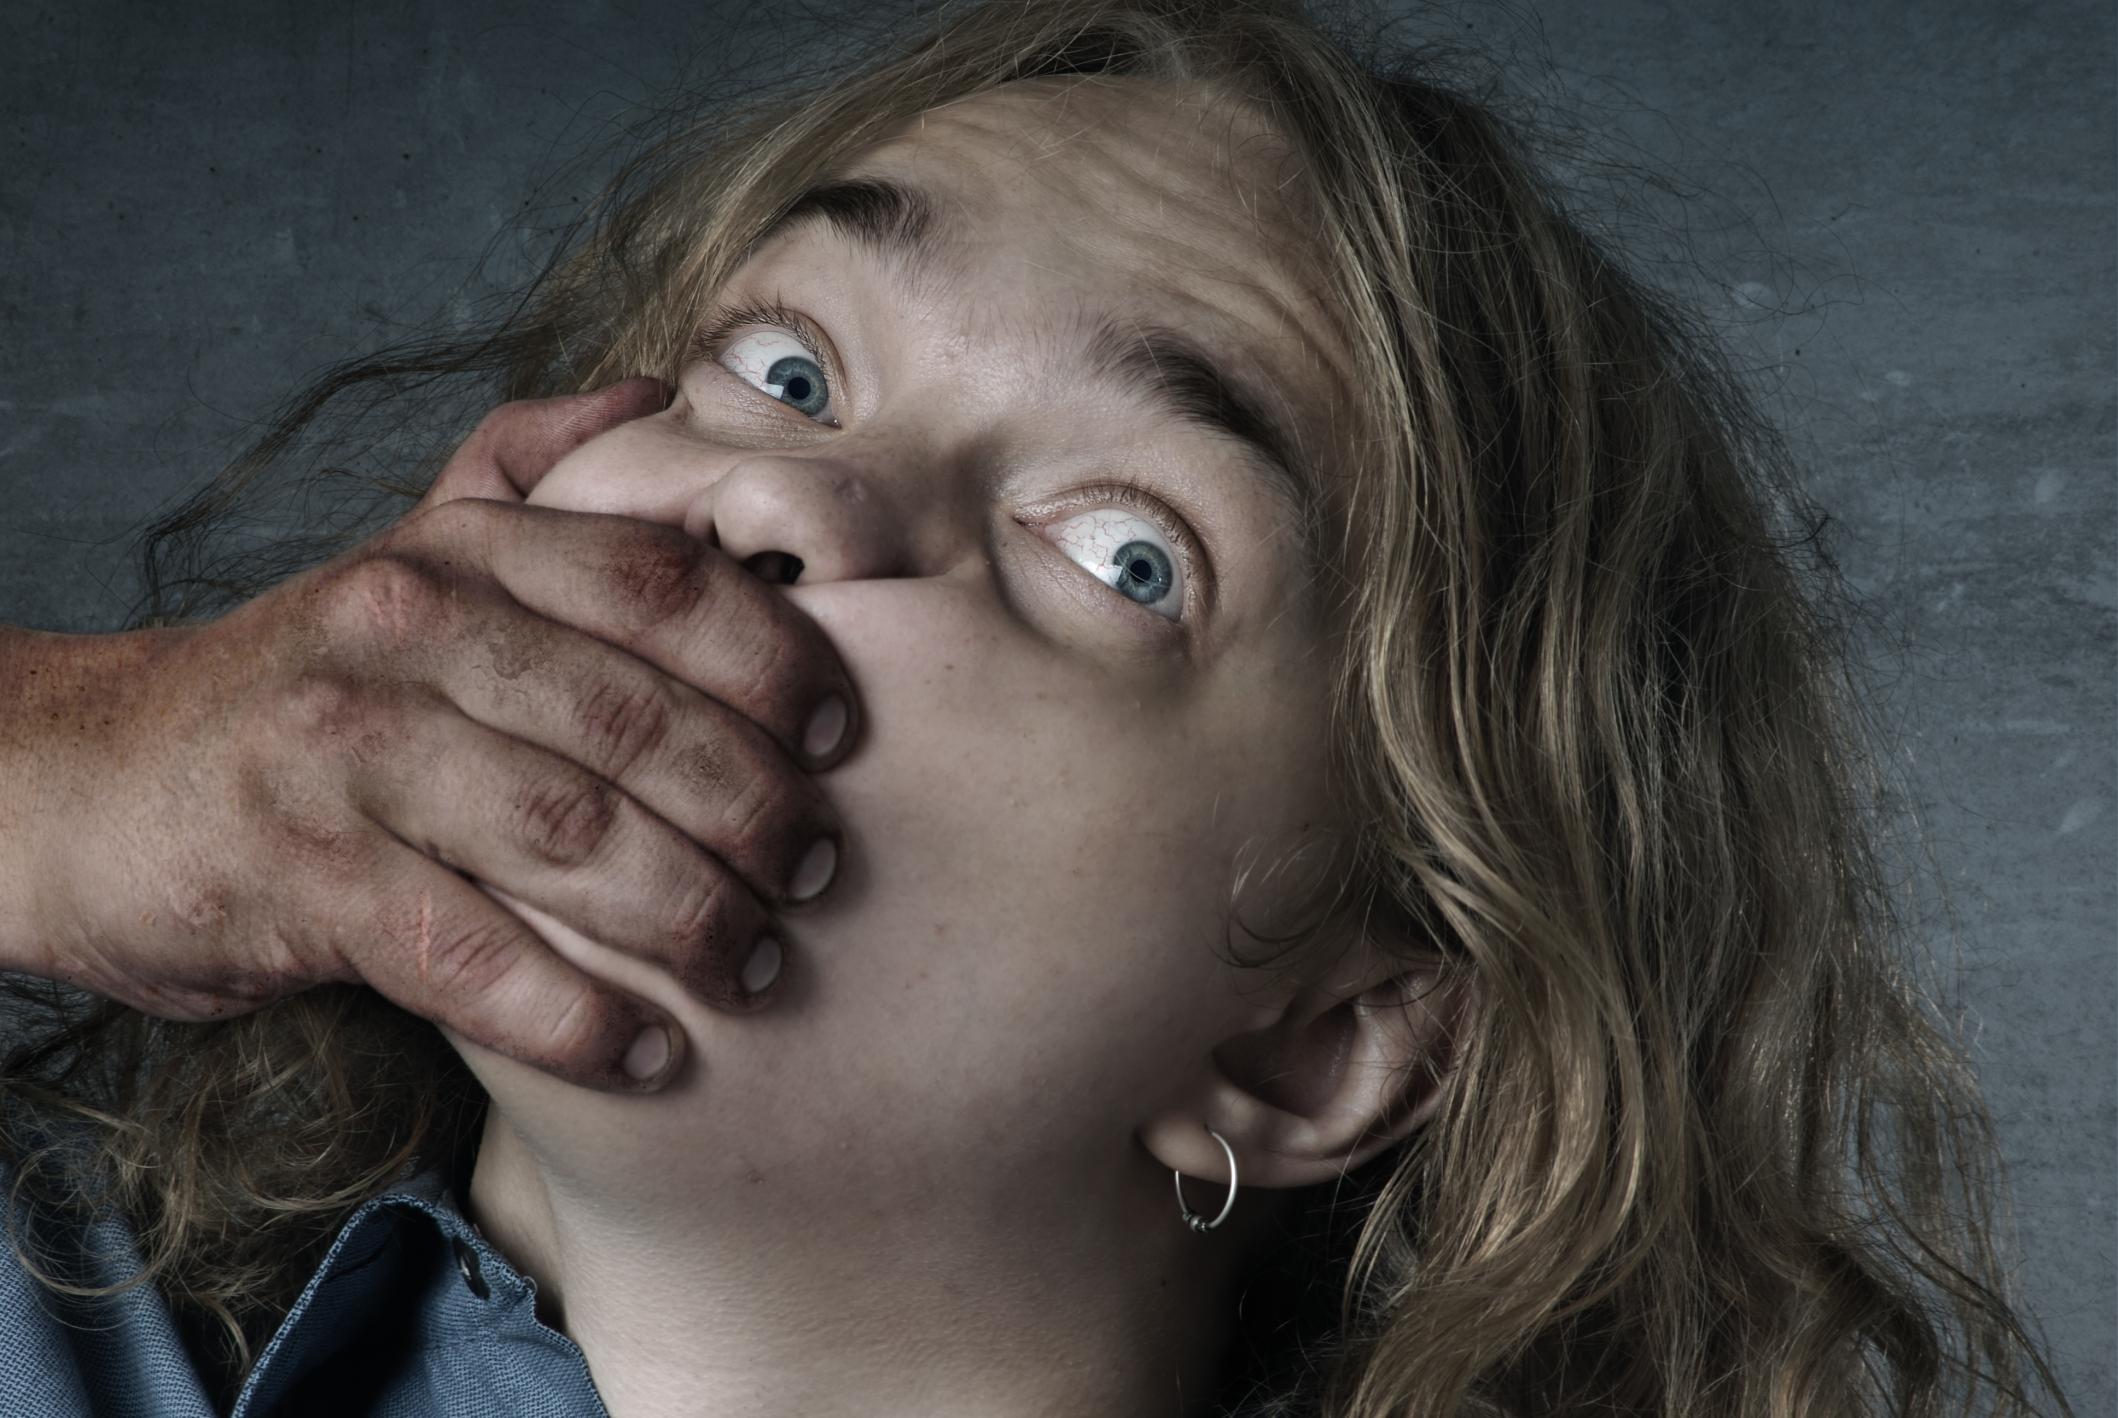 Похищение с аналом, Похищение анал - видео rating Flesh Hole HD 6 фотография